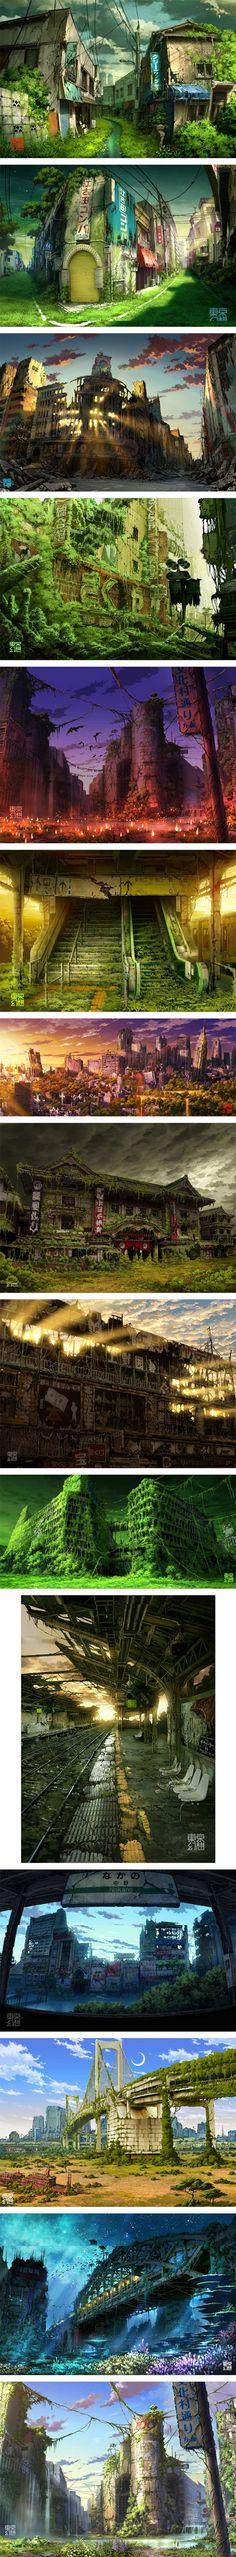 Découvrez Tokyo plongé dans une nature apocalyptique.